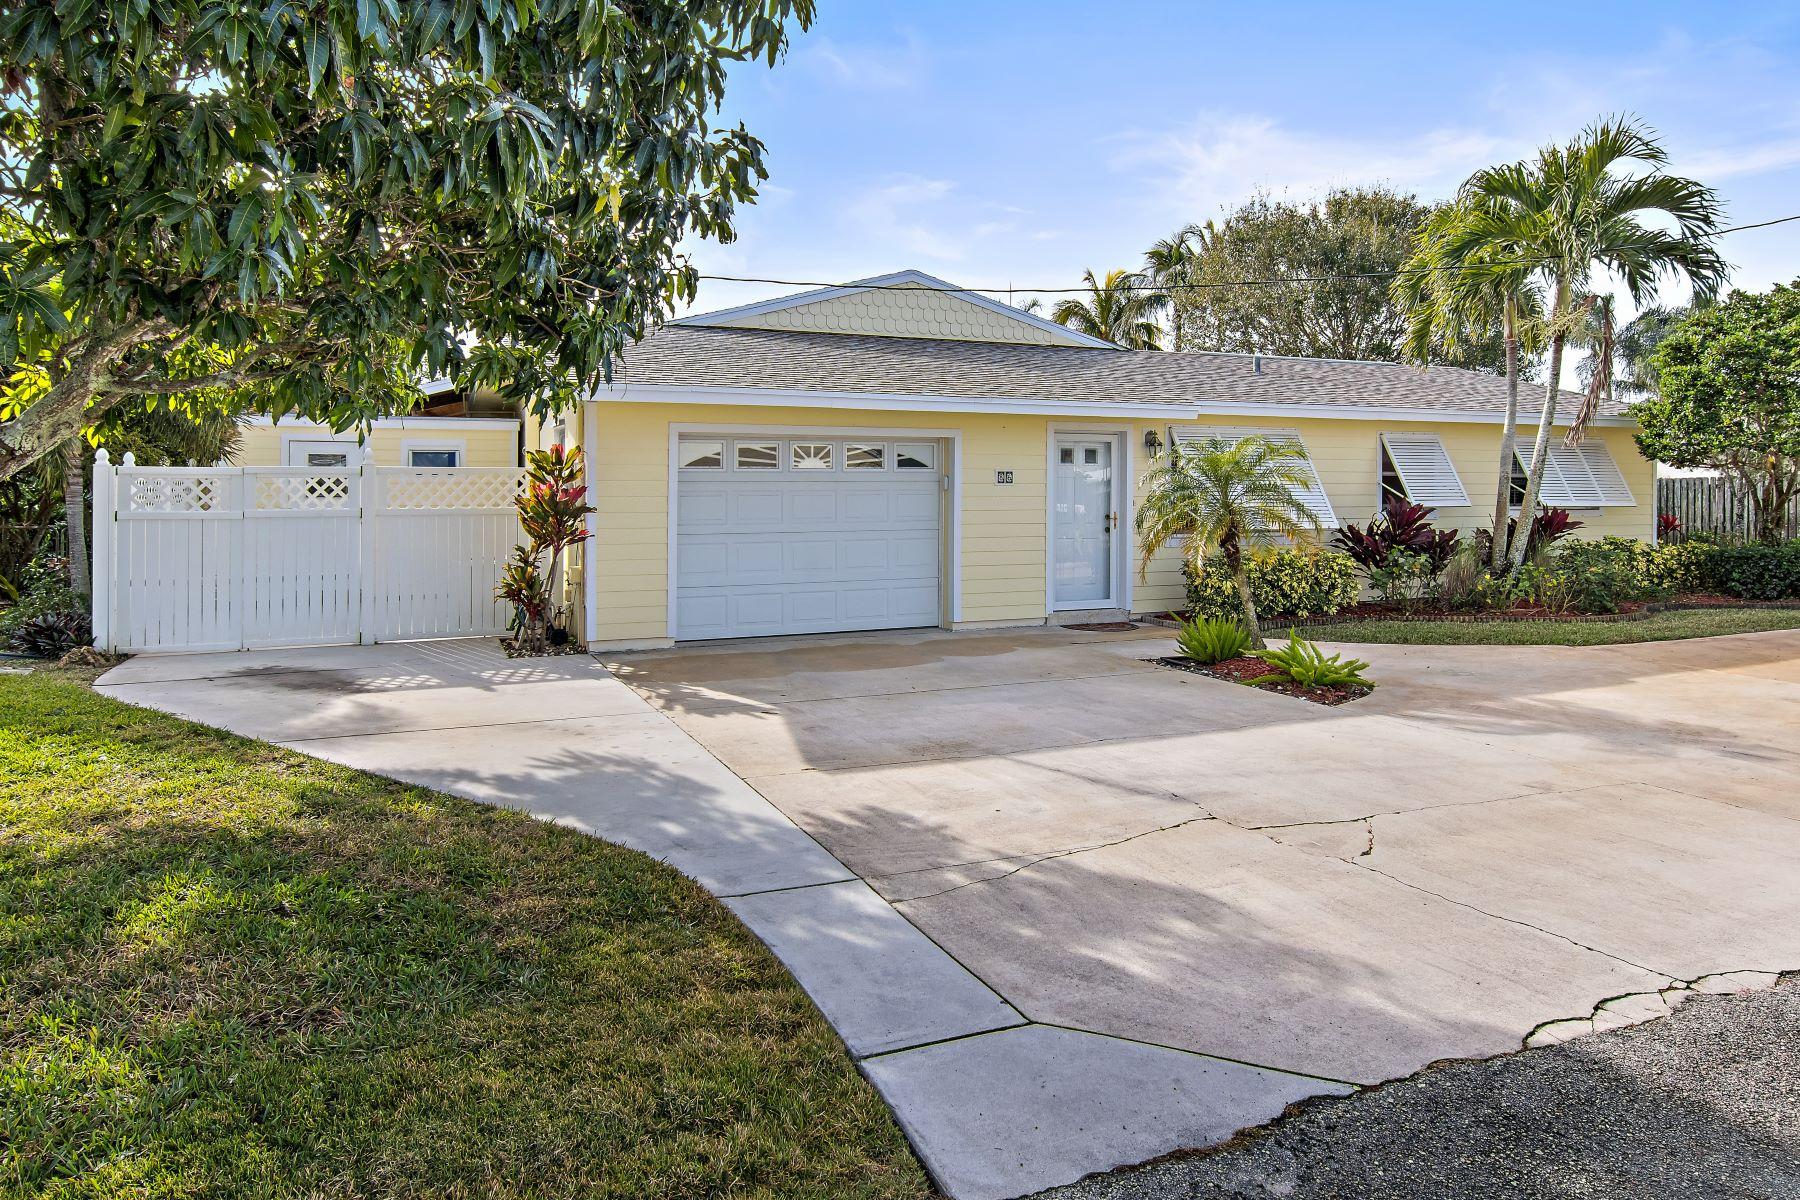 獨棟家庭住宅 為 出售 在 86 Sw Cabana Point Circle 86 Sw Cabana Point Circle Stuart, 佛羅里達州 34994 美國